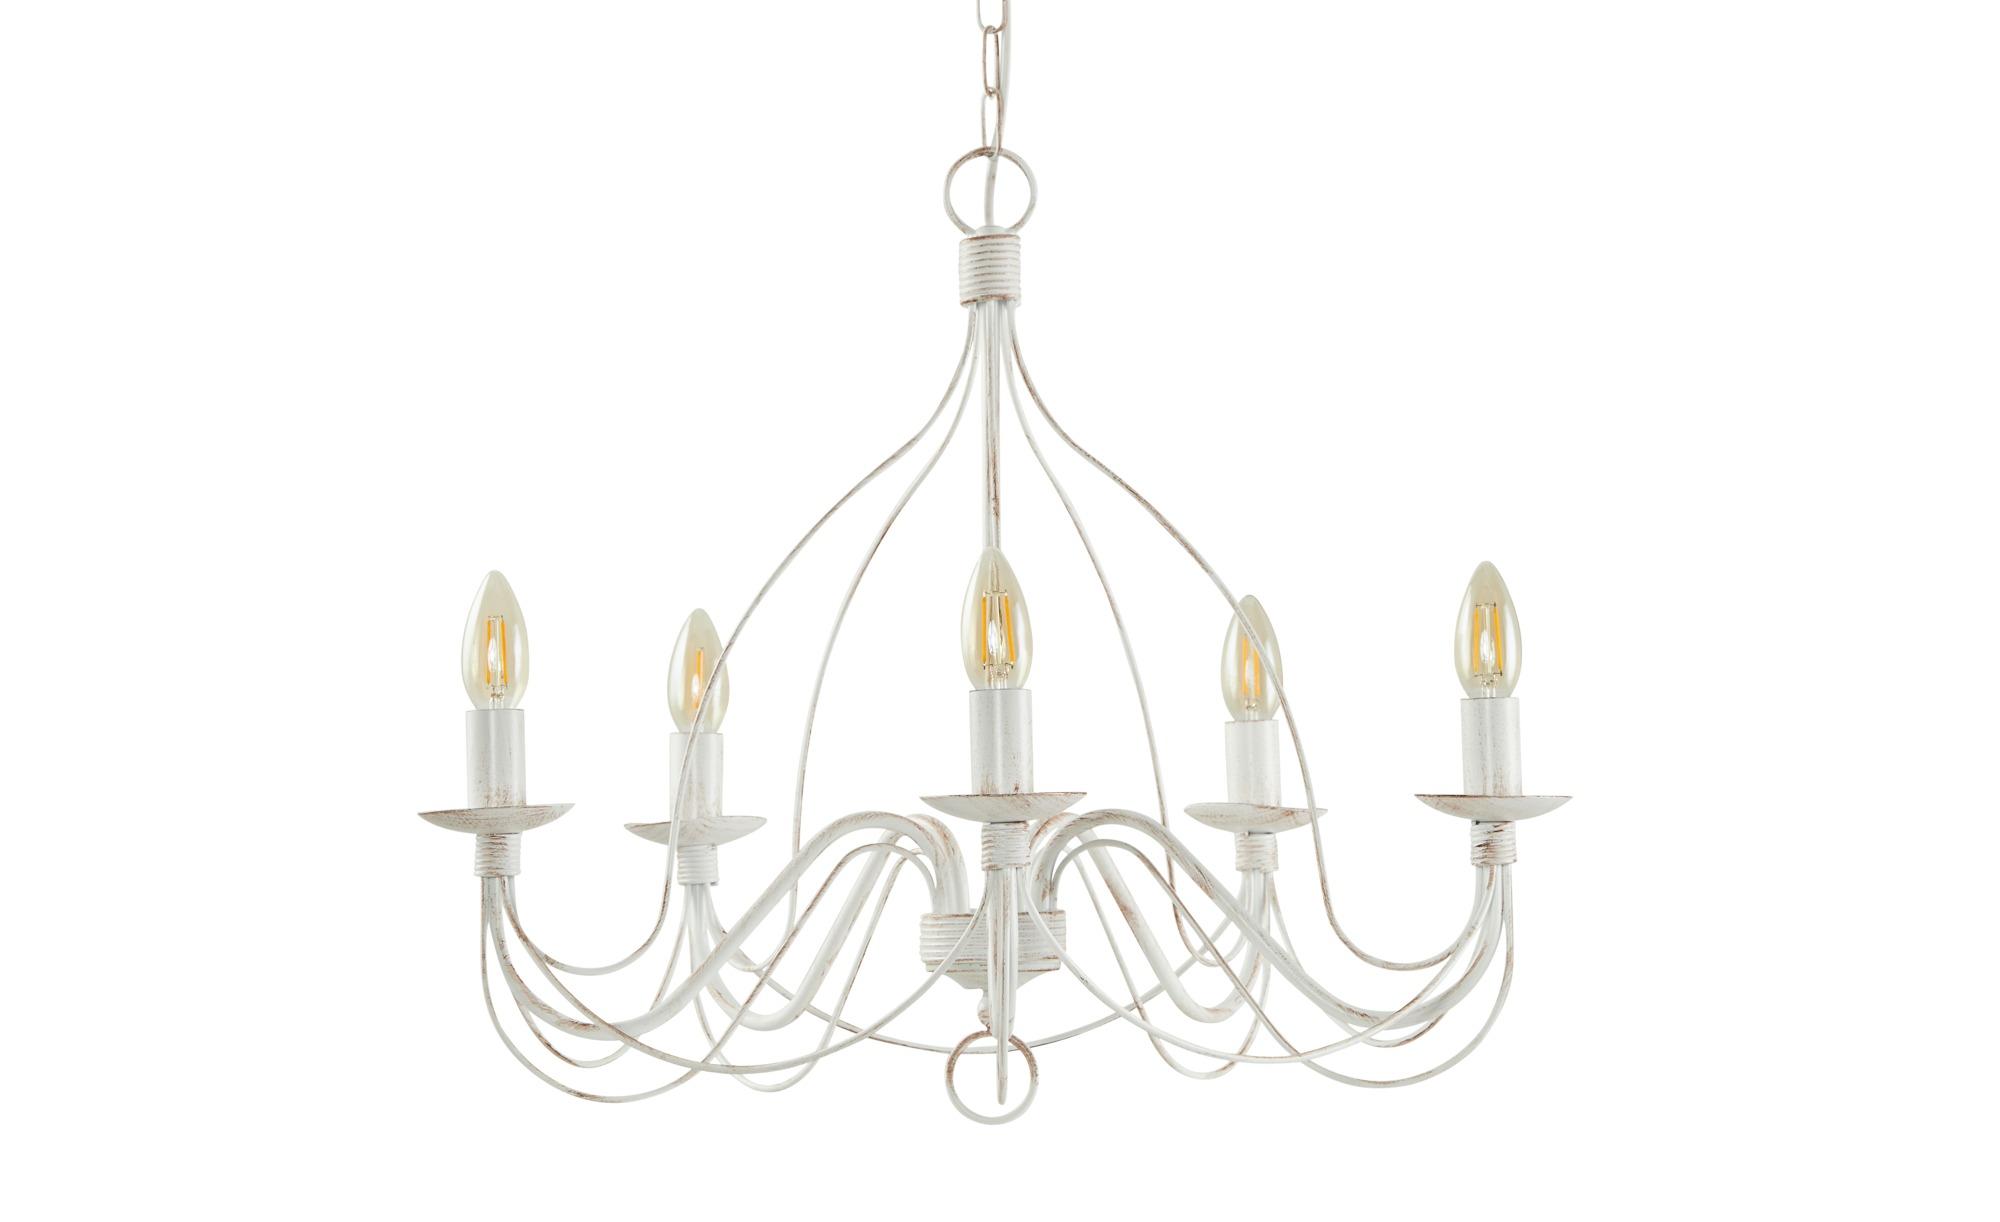 Kronleuchter, 5-flammig, weiß-braun ¦ weiß ¦ Maße (cm): H: 52 Ø: 55 Lampen & Leuchten > Innenleuchten > Kronleuchter - Höffner